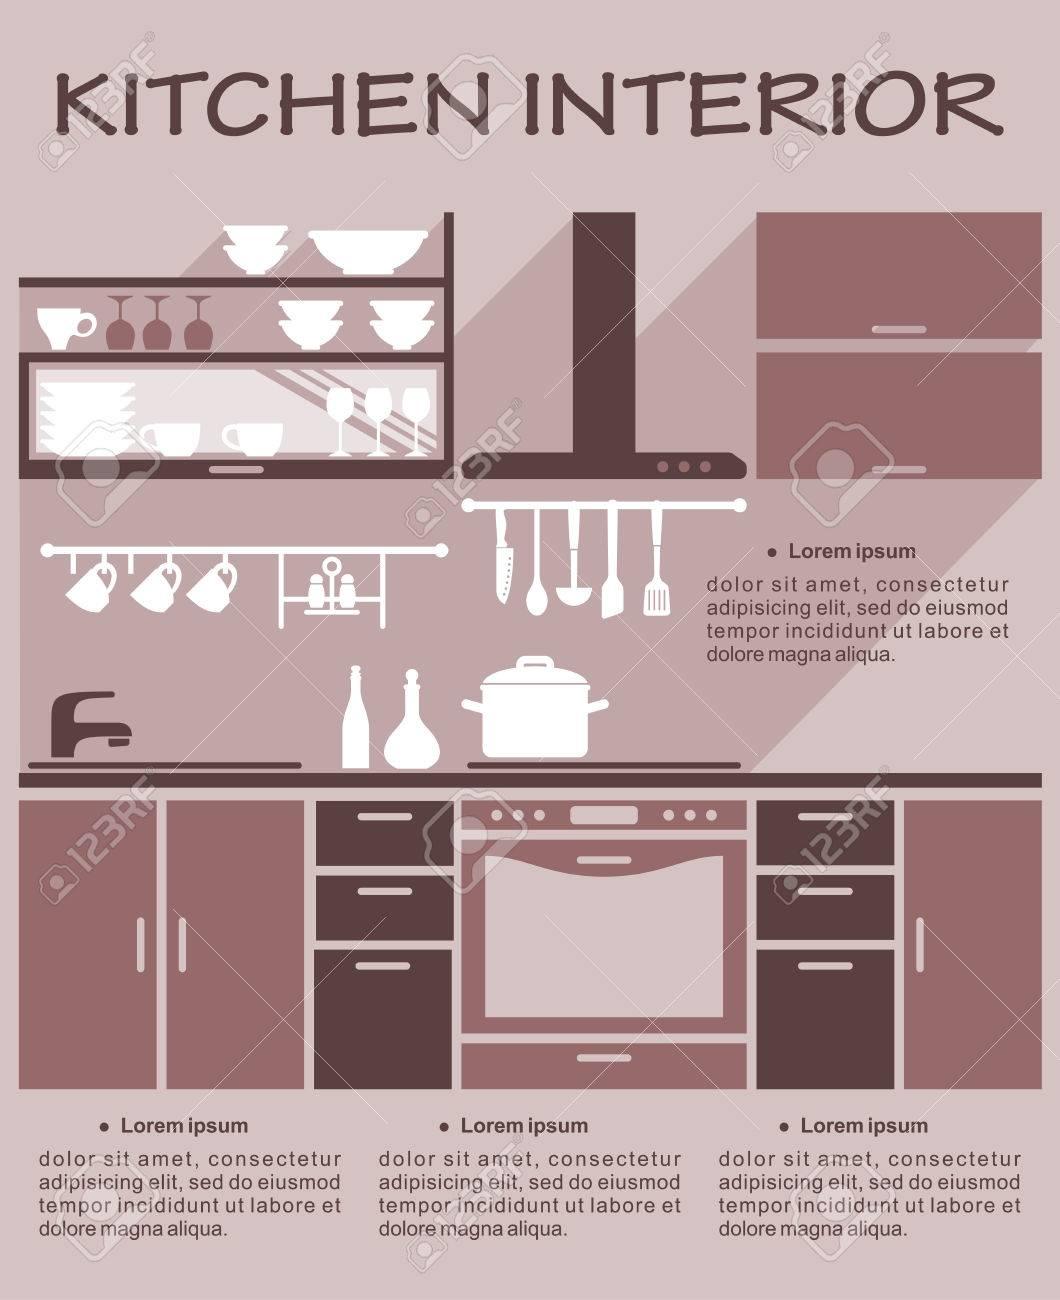 Cocina Plana Plantilla De Diseño De Interiores Para Una Infografía ...